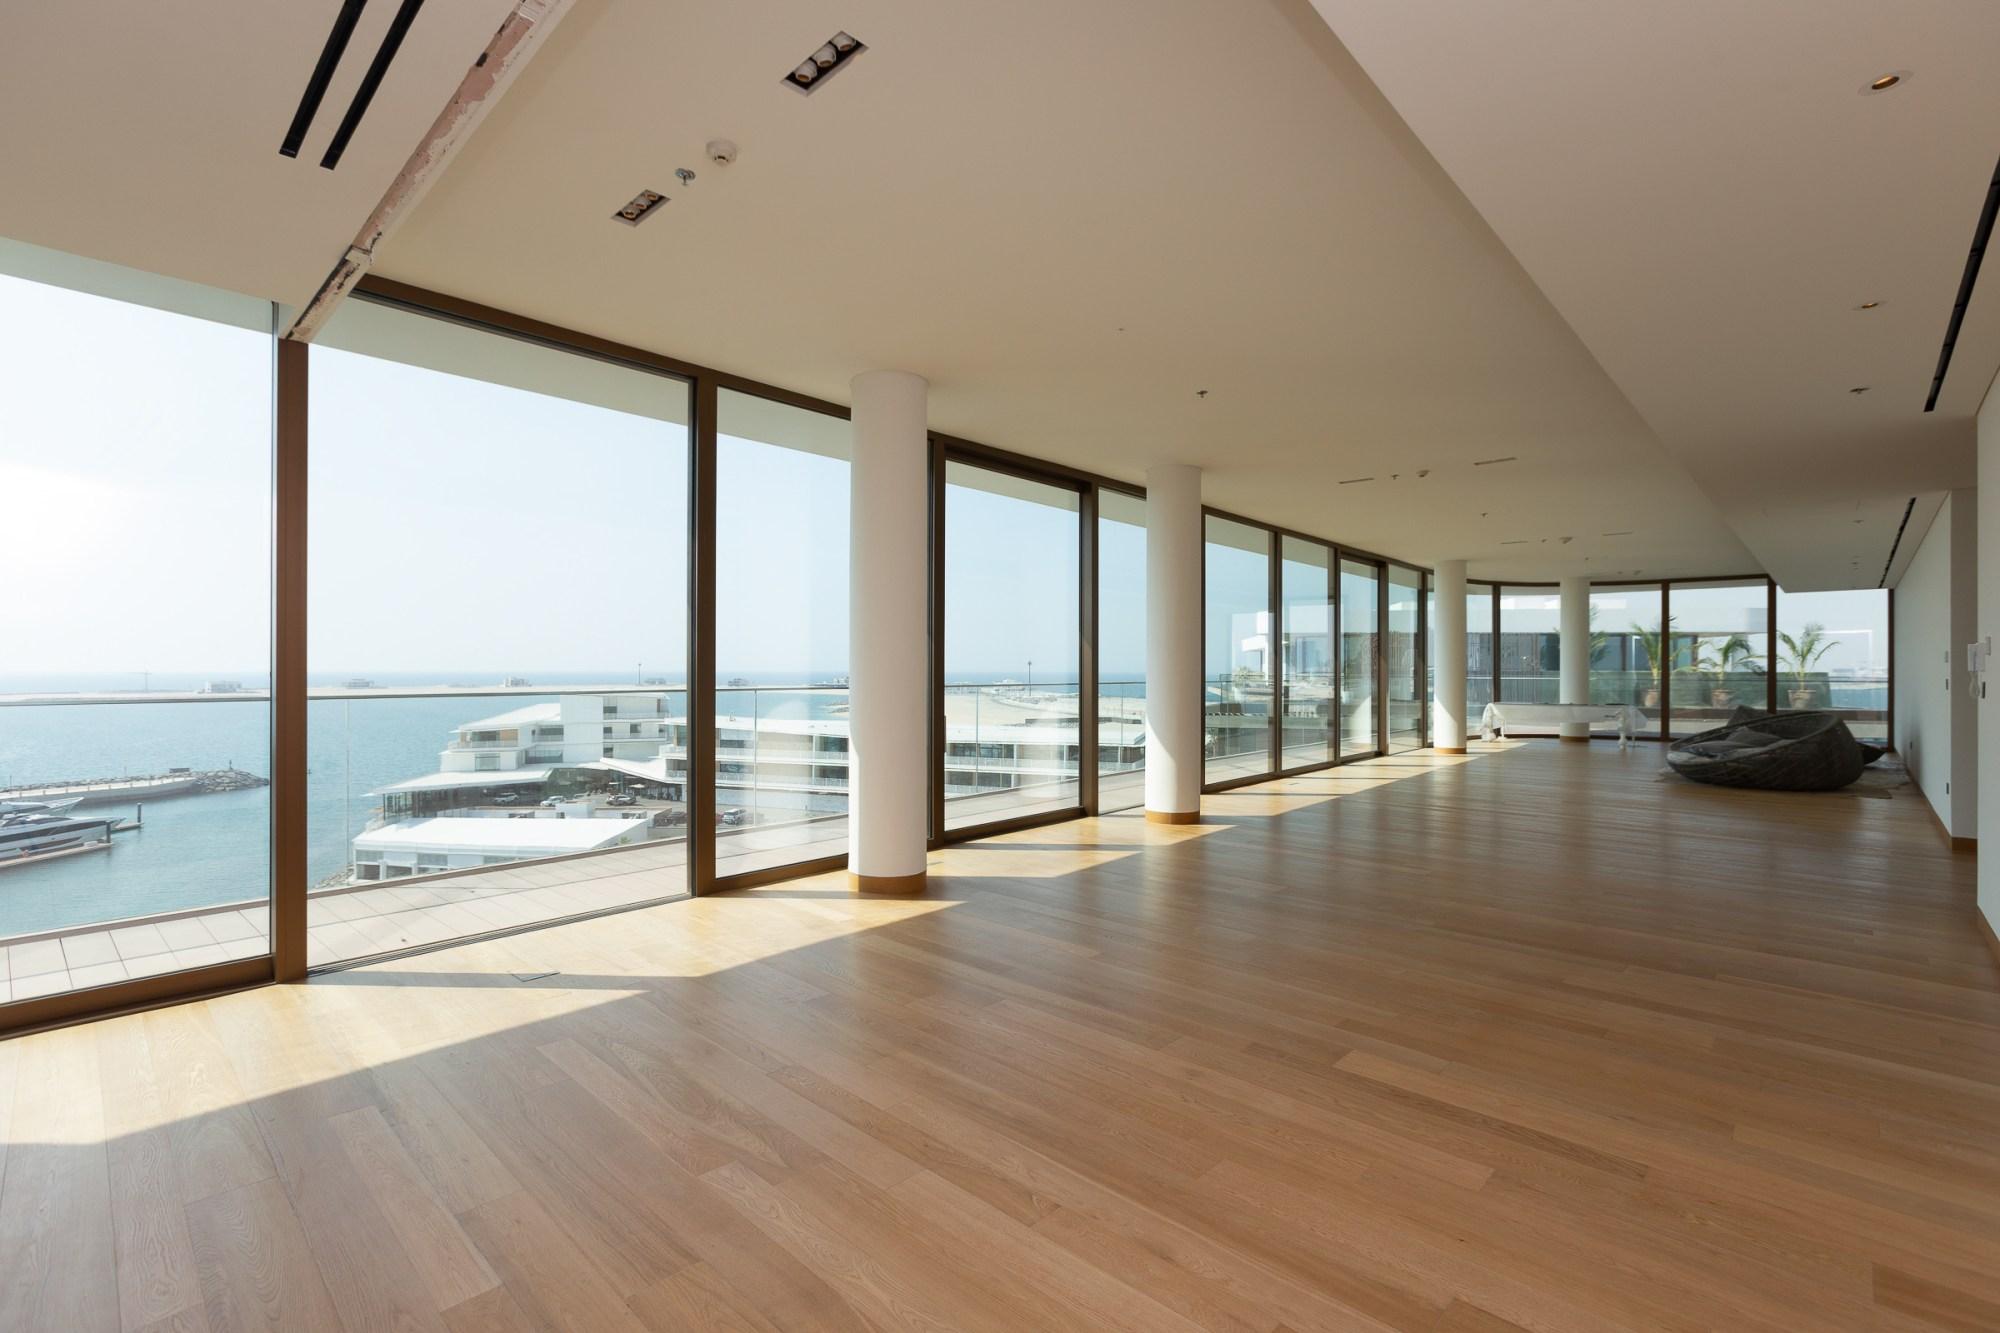 Luxury Beach Penthouse With Panoramic Views